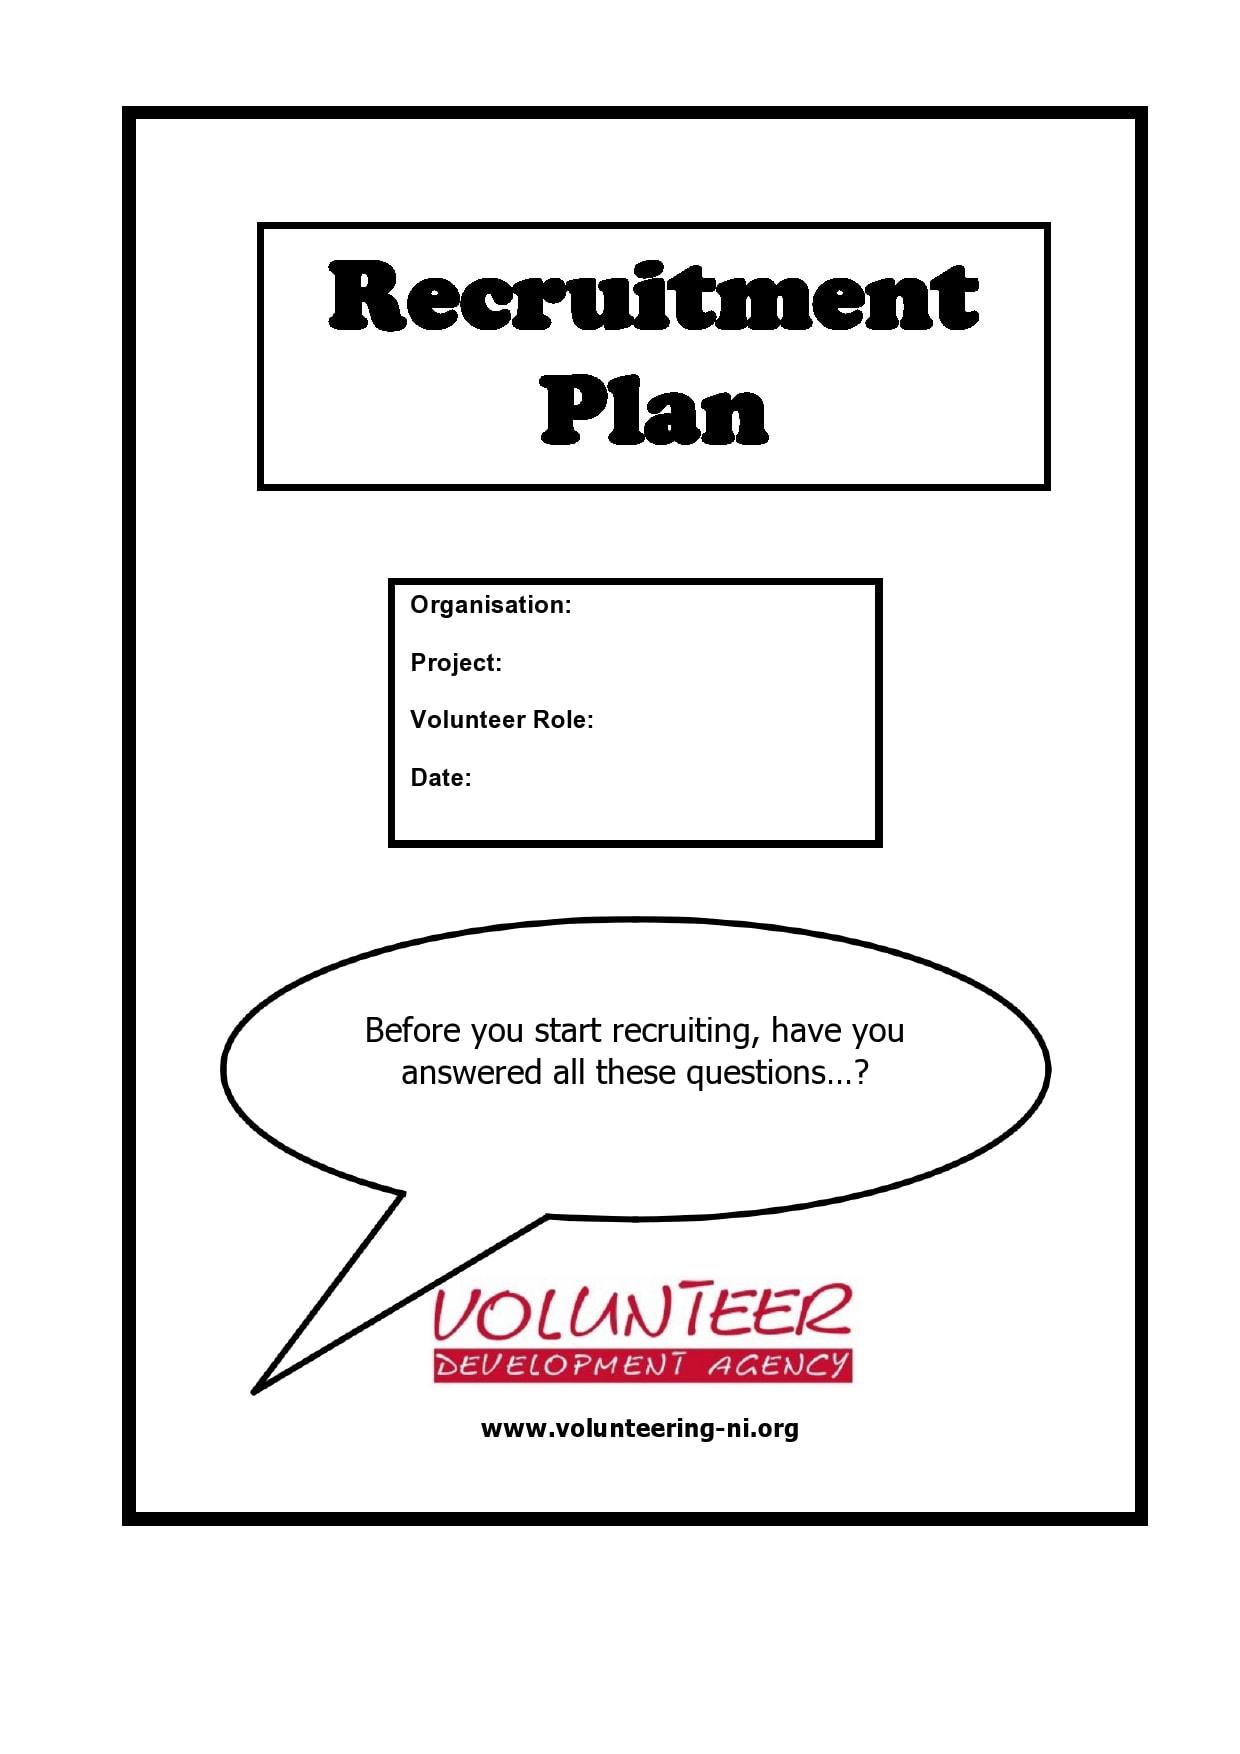 recruitment plan template 27